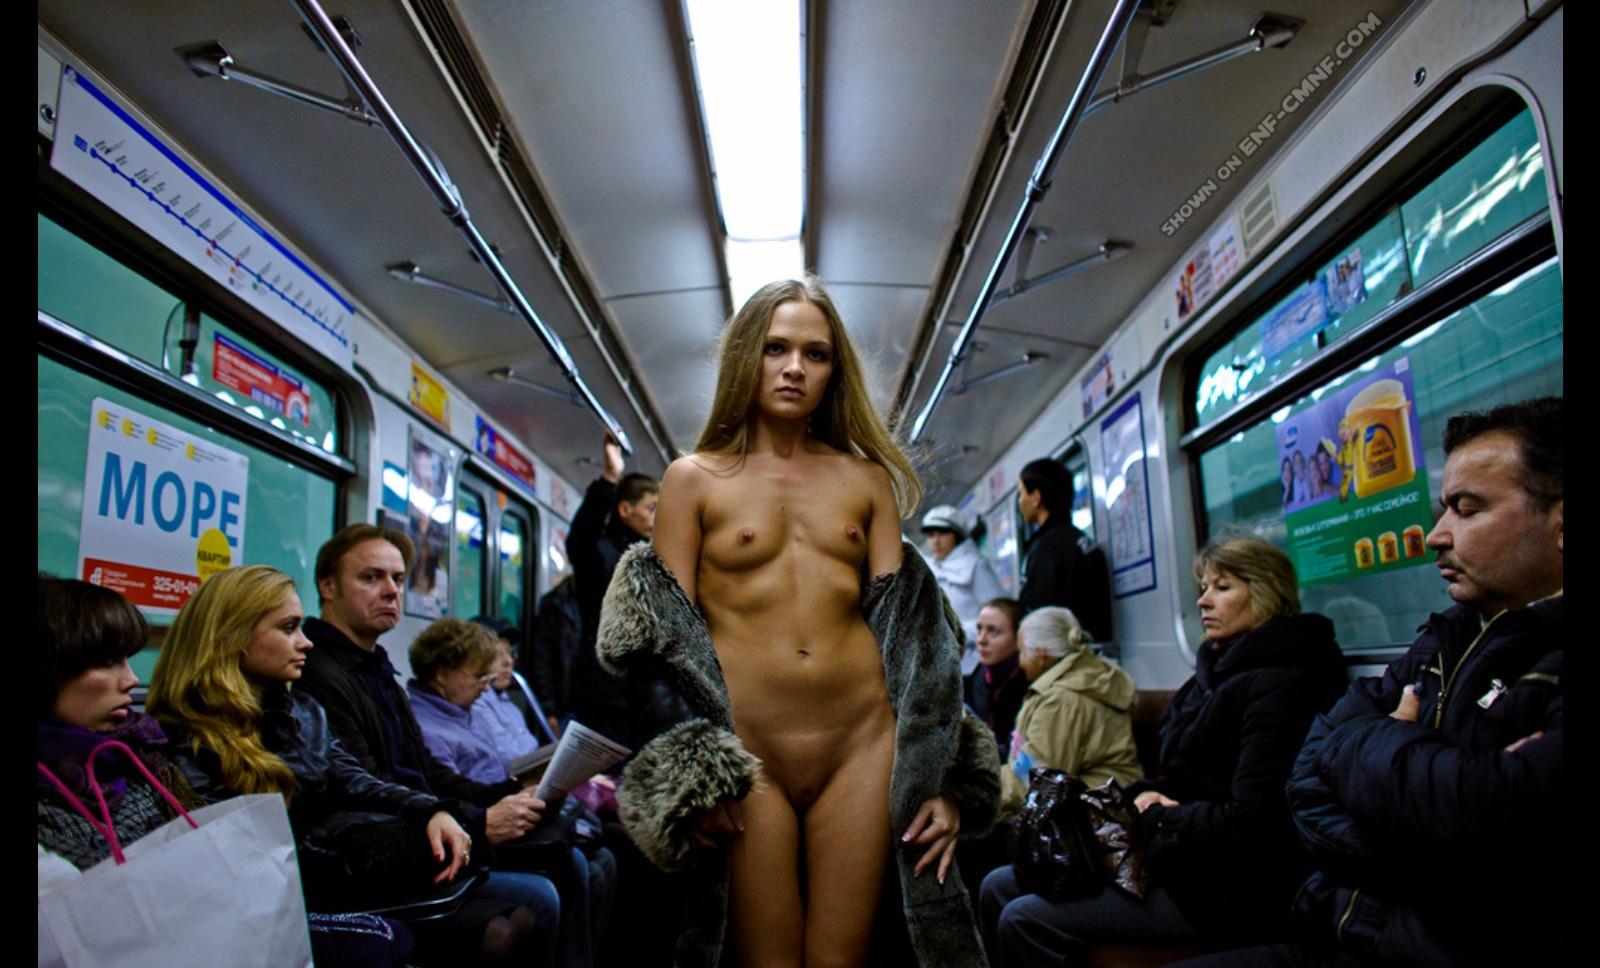 Русский порно в метро, Порно в поезде, секс в метро на 24 видео 17 фотография